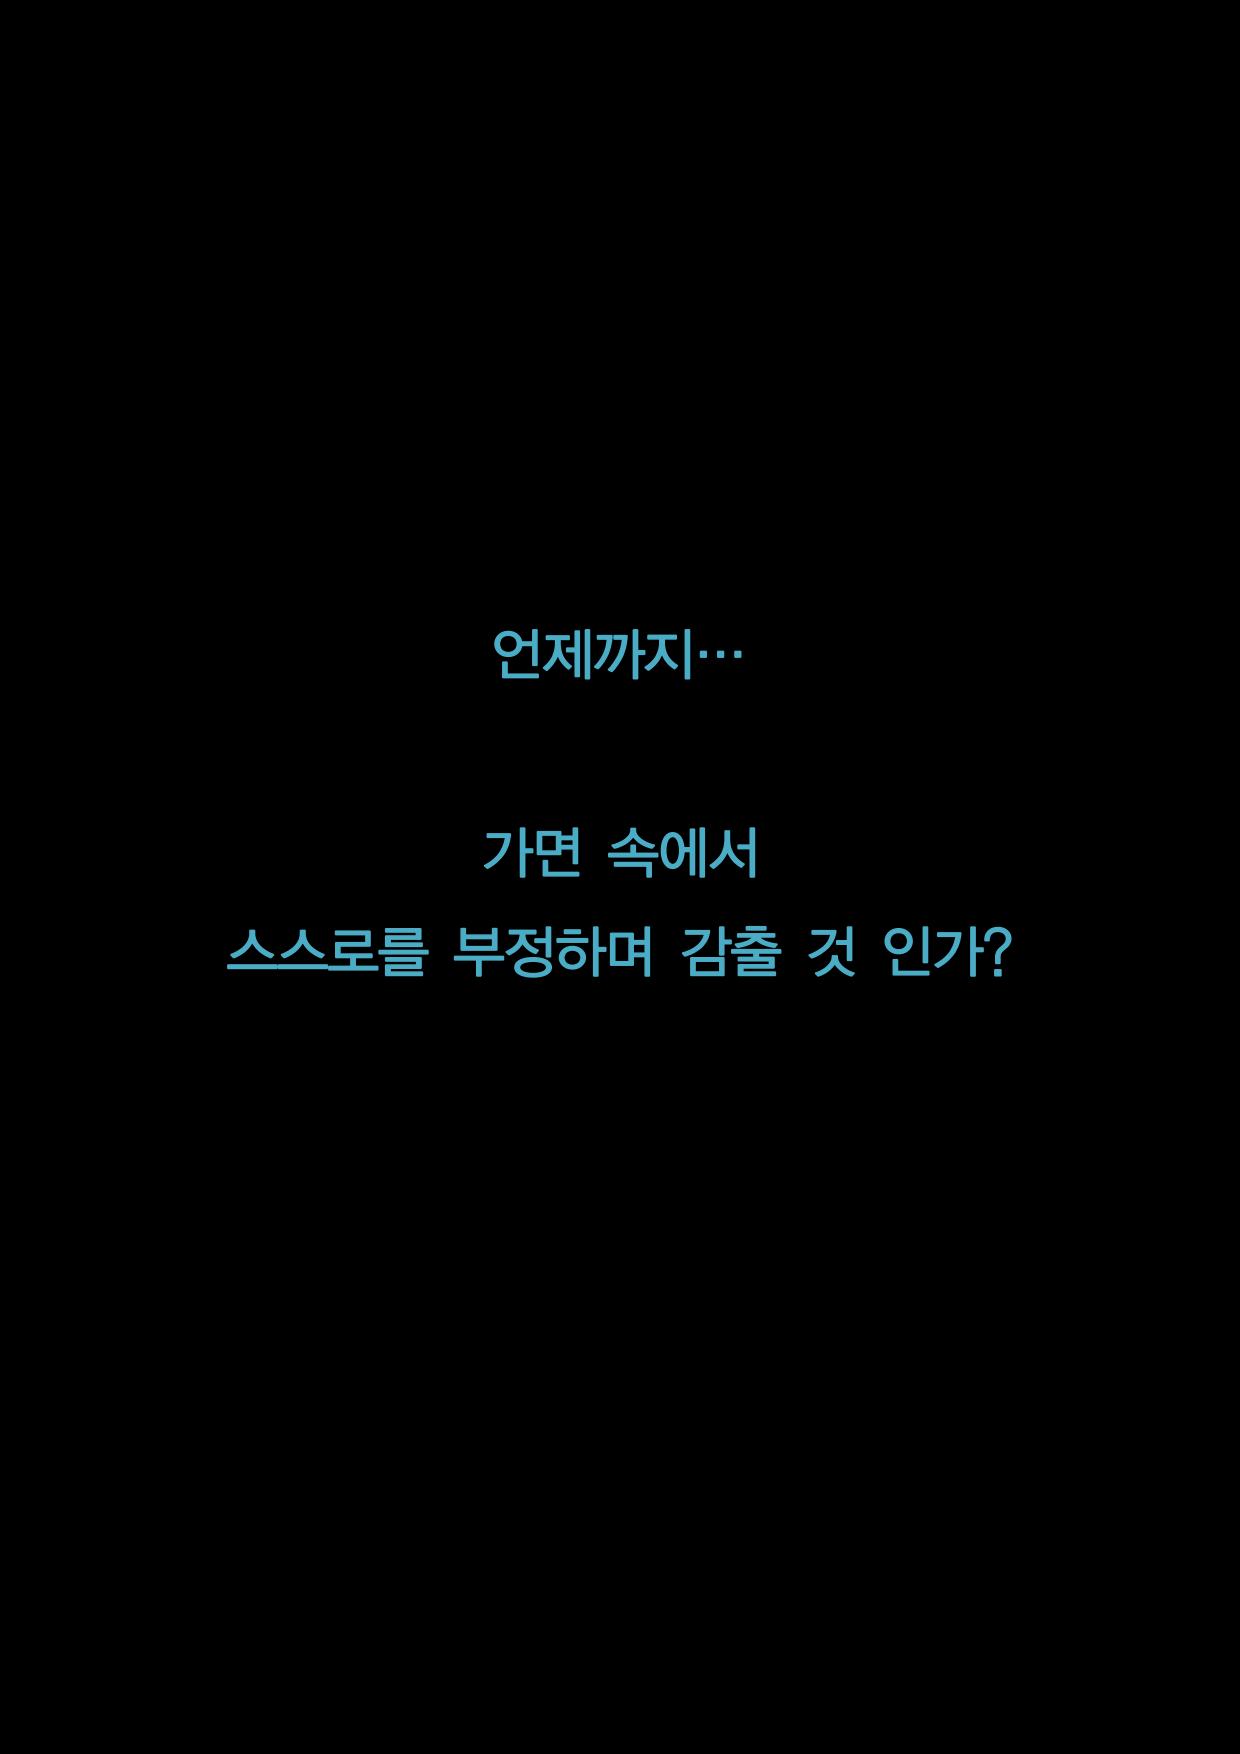 본 머티리어 1회차 홍보글 v3(수강후기 따로 편집요함)_09.png